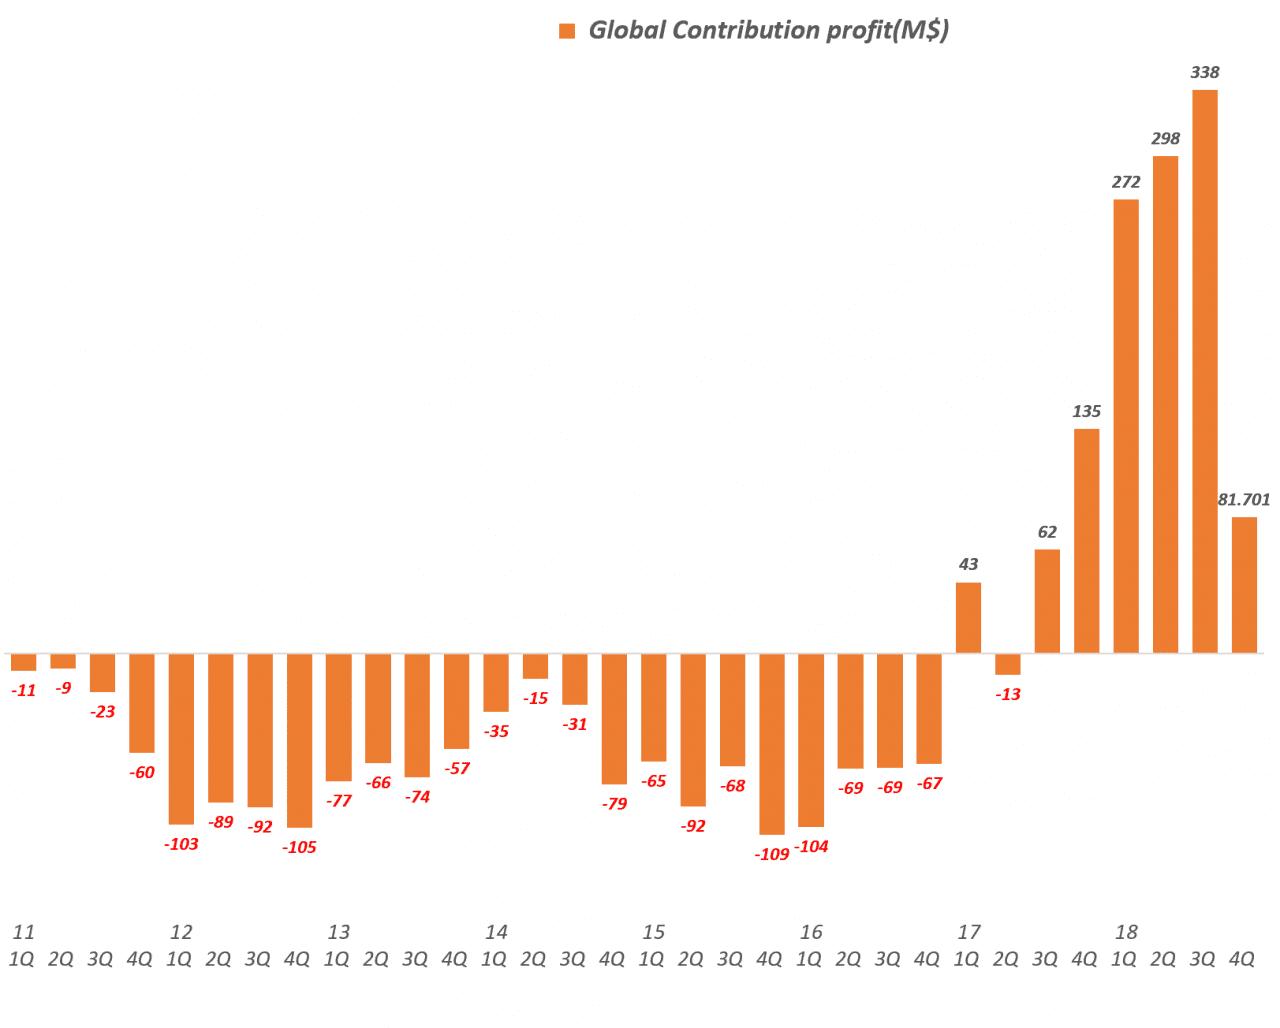 넷플릭스 분기별 글로벌 공헌이익 추이(2012년 1분기 ! 2018년 4분기), Global Contribution profit(M$)), Graph by Happist